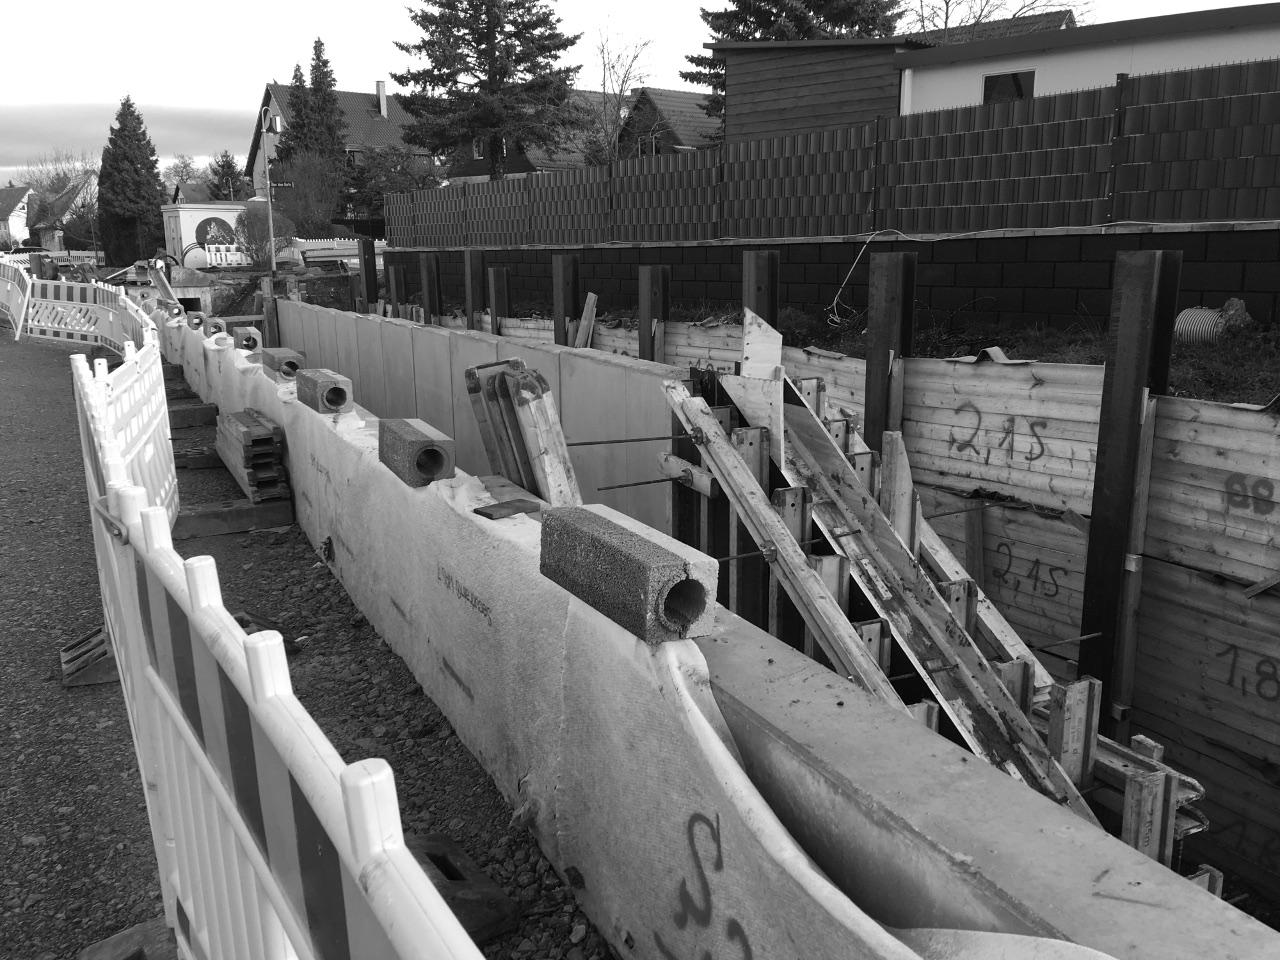 Ersatzneubau von Ufermauern, Durchlässen und Brücken zur Herstellung des Hochwasserschutzes in der Ortslage Niedernissa